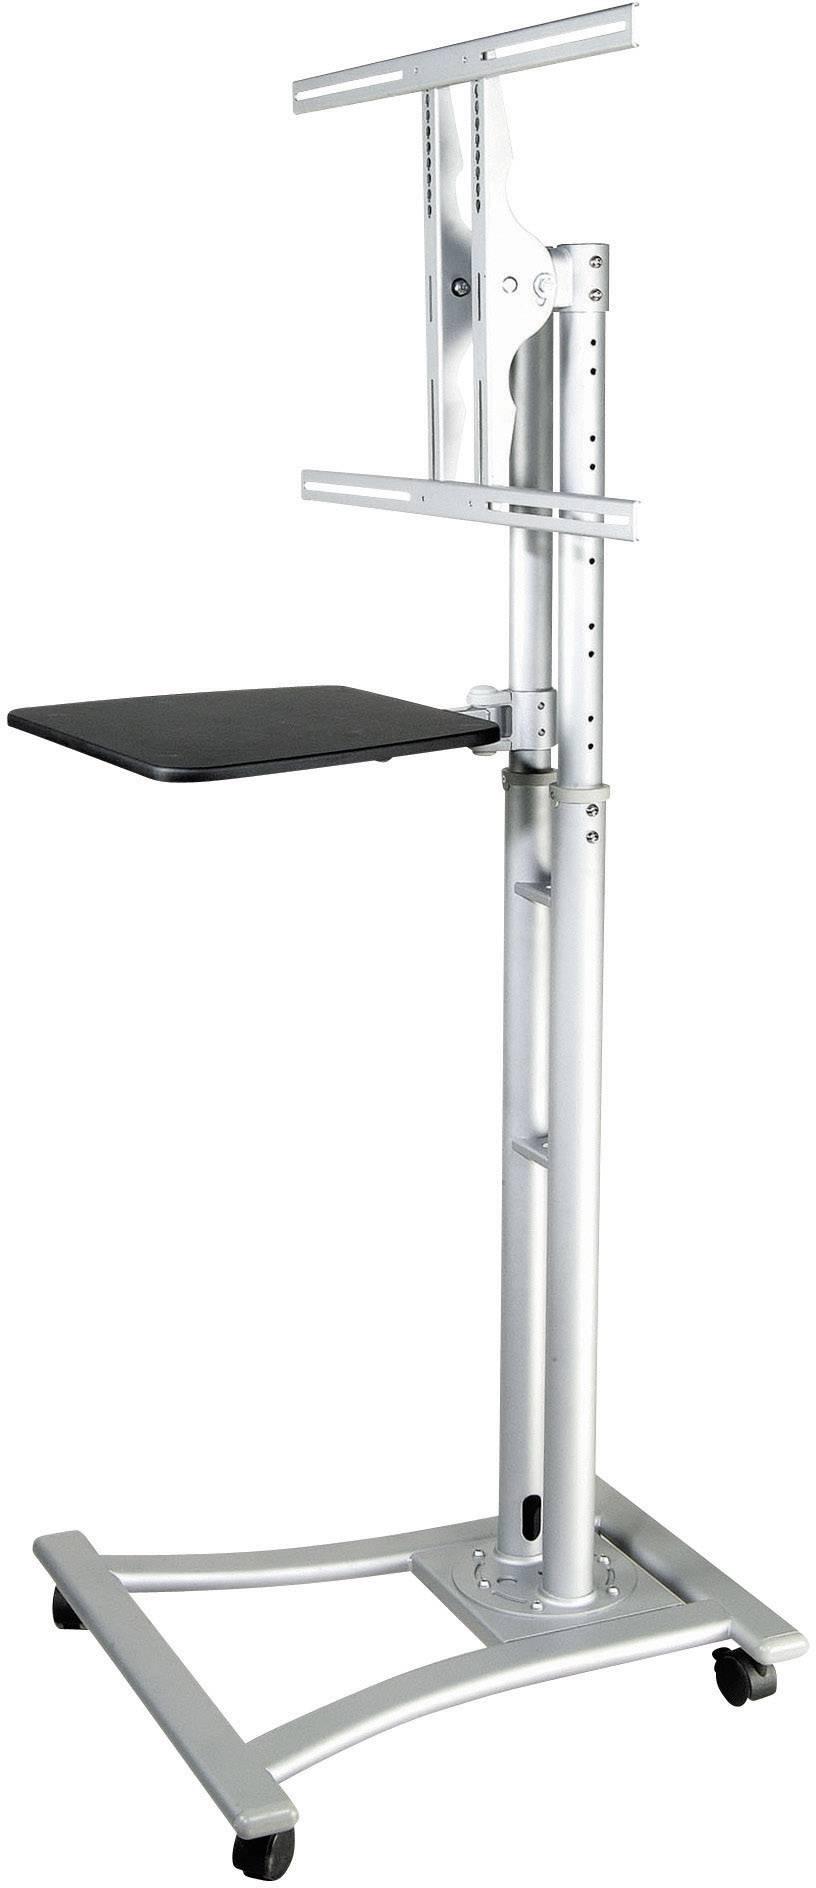 """TV kolieskový vozík B-Tech RW8620/S, neflexibilný, 68,6 cm (27"""") - 152,4 cm (60"""")"""